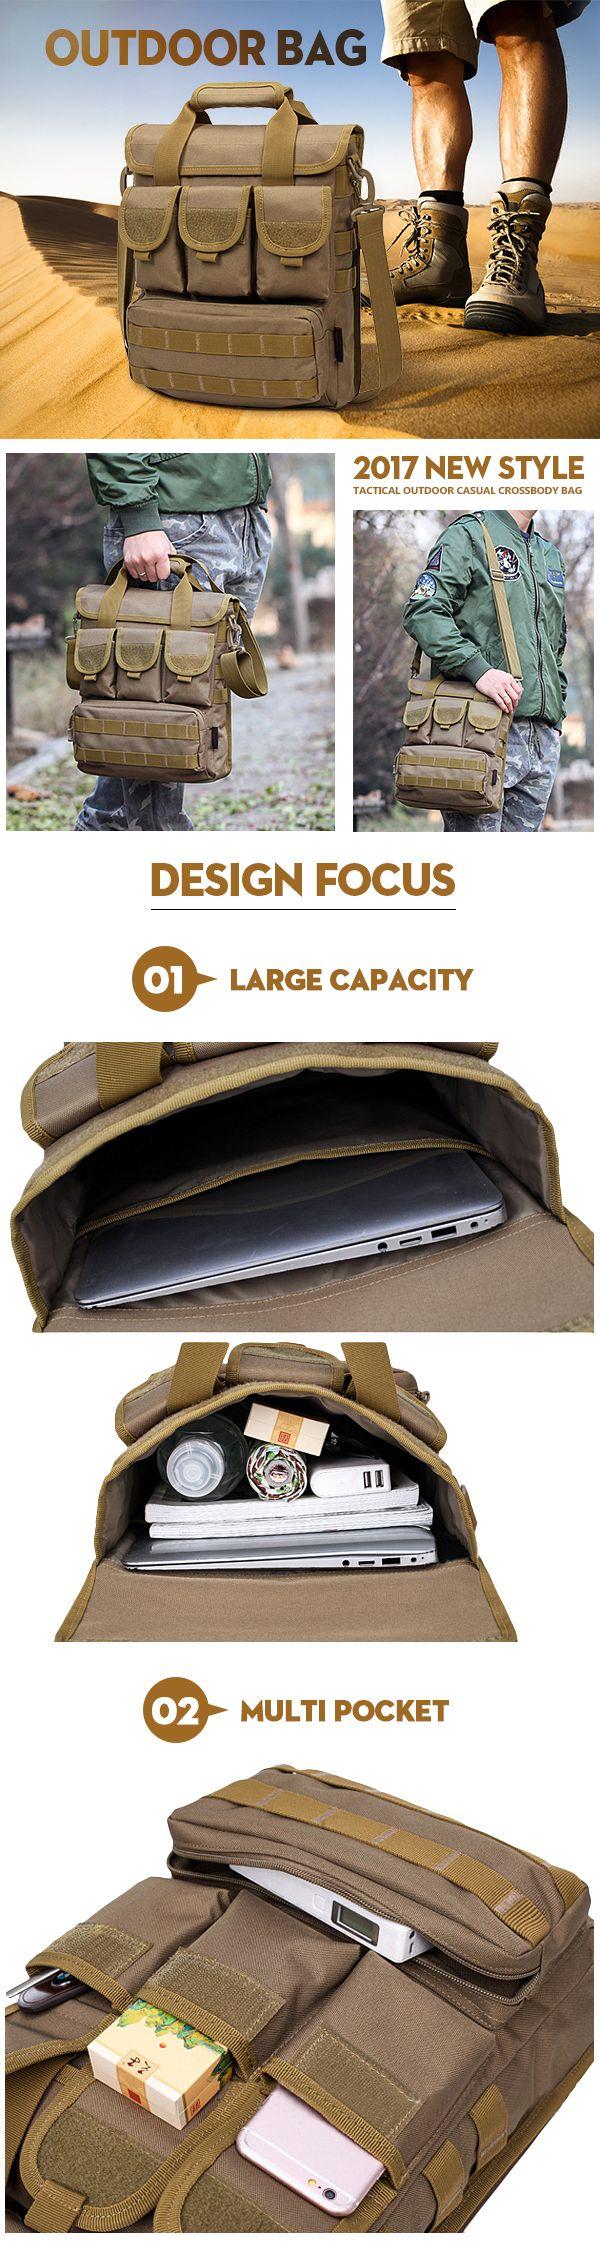 US$25.41 Outdoor Casual Crossbody Bag_ Sports Multi Pocket Oxford Sling Bag For Men_Multi Pocket Outdoor Shoulder Bag